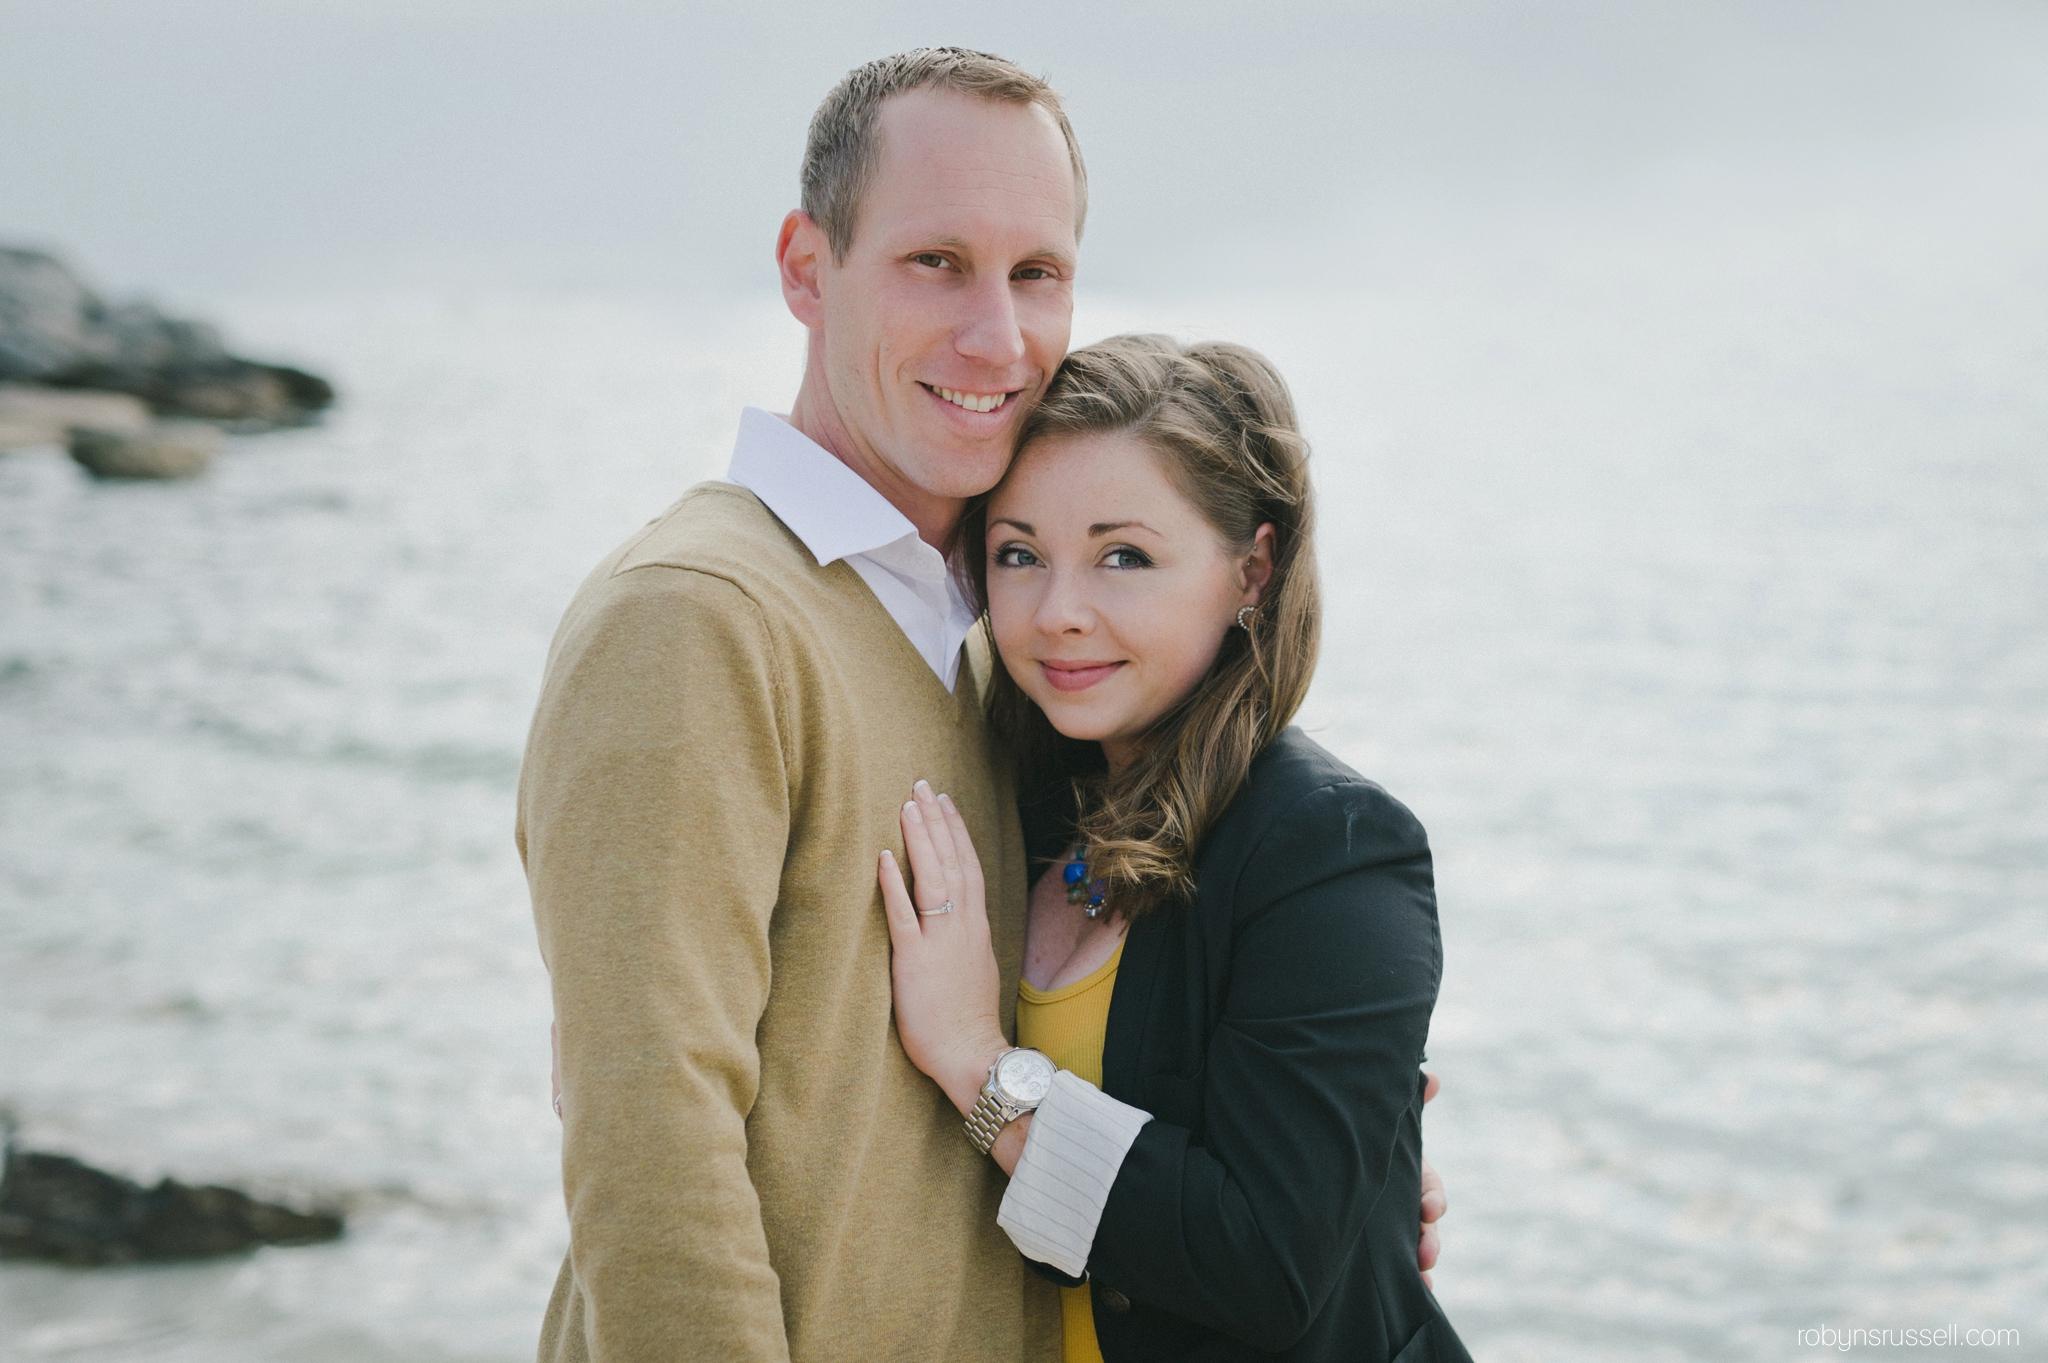 4-beautiful-seaside-portrait-of-a-couple.jpg